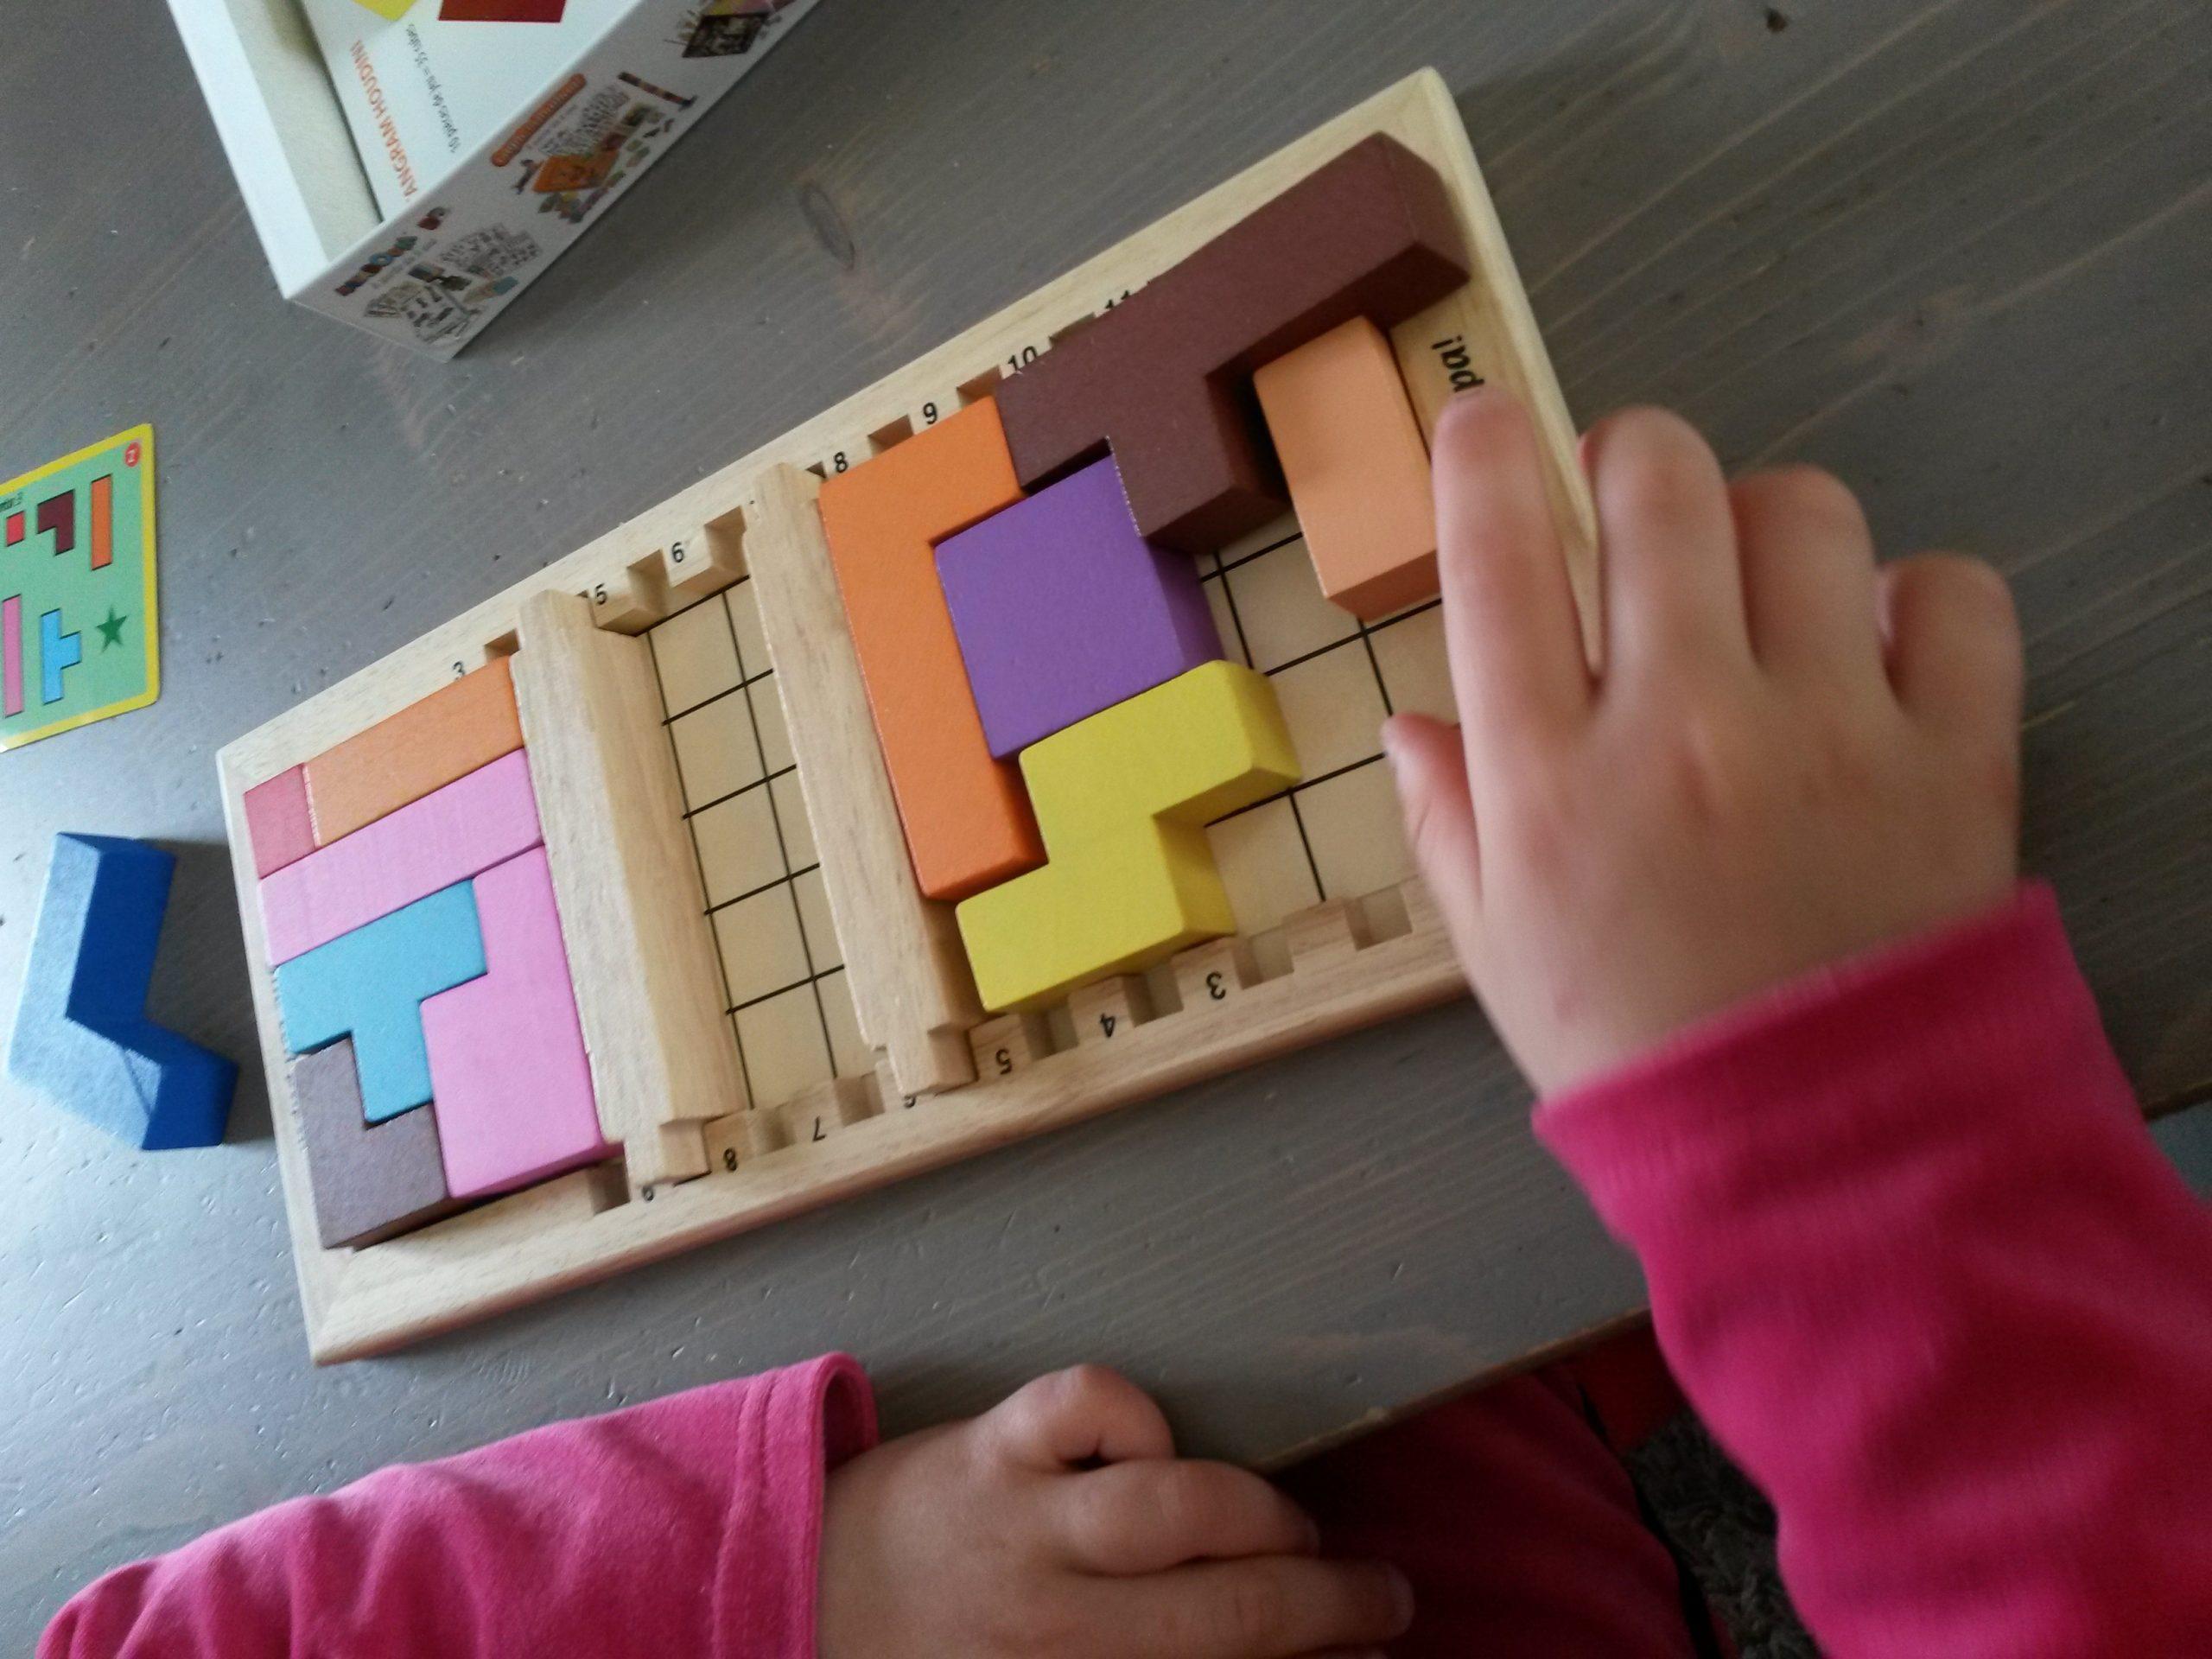 Ma Sélection De 5 Jeux De Logique Pour Les Enfants avec Je De Logique